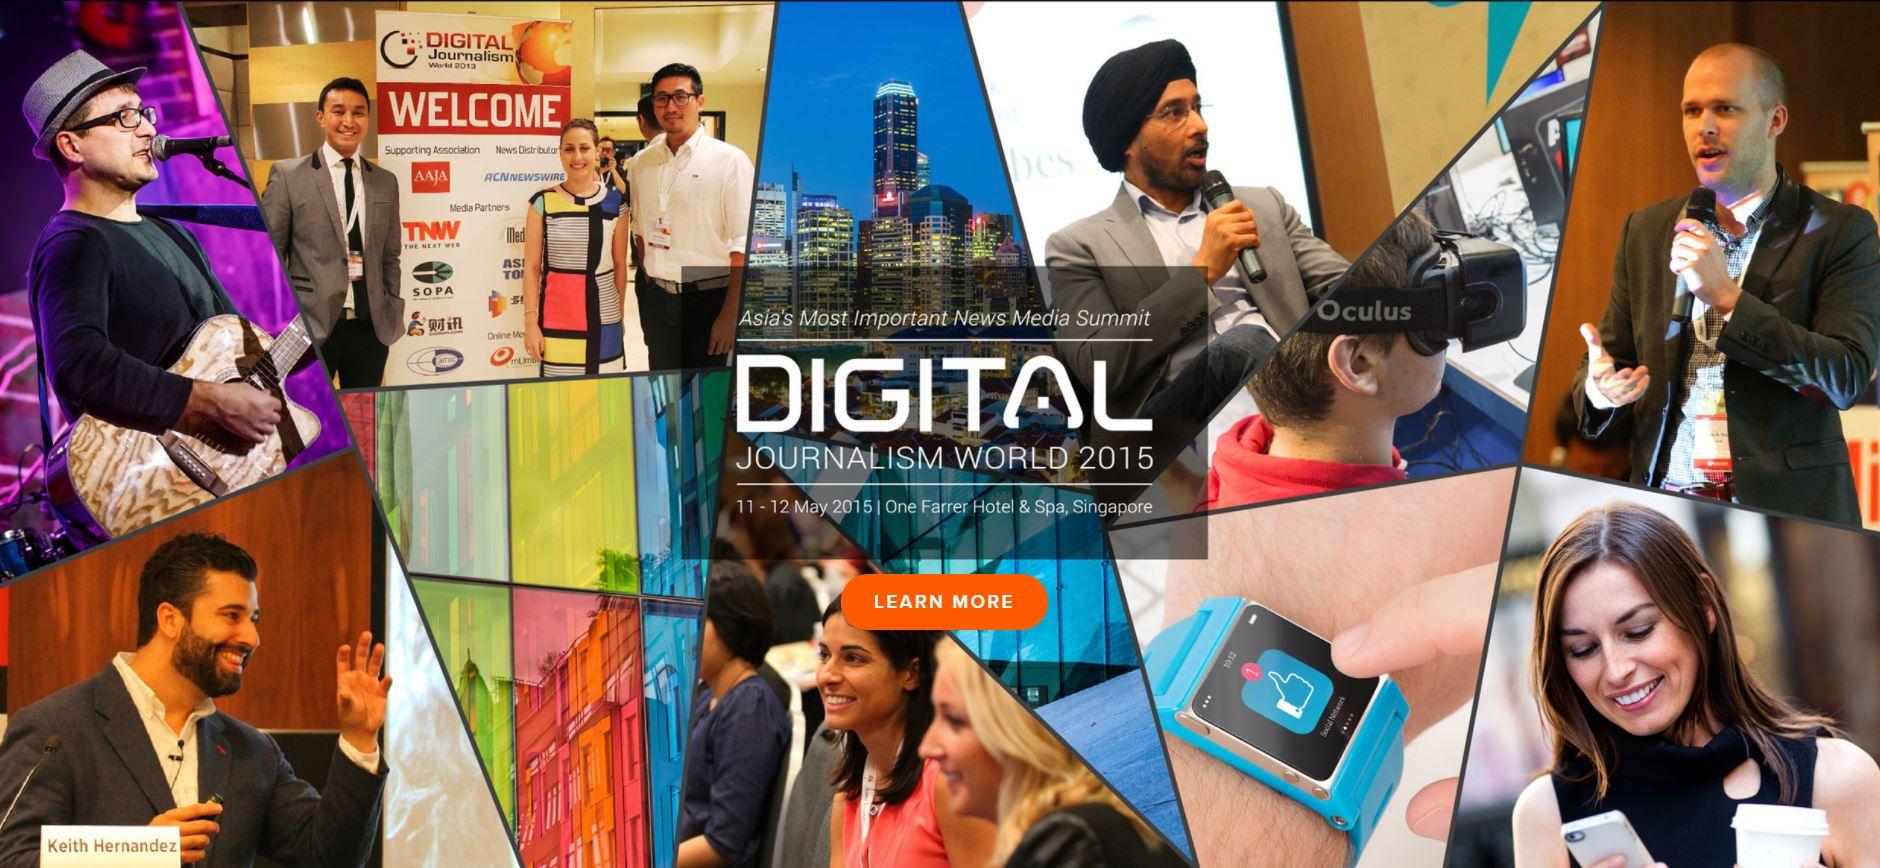 Digital Journalism World 2015